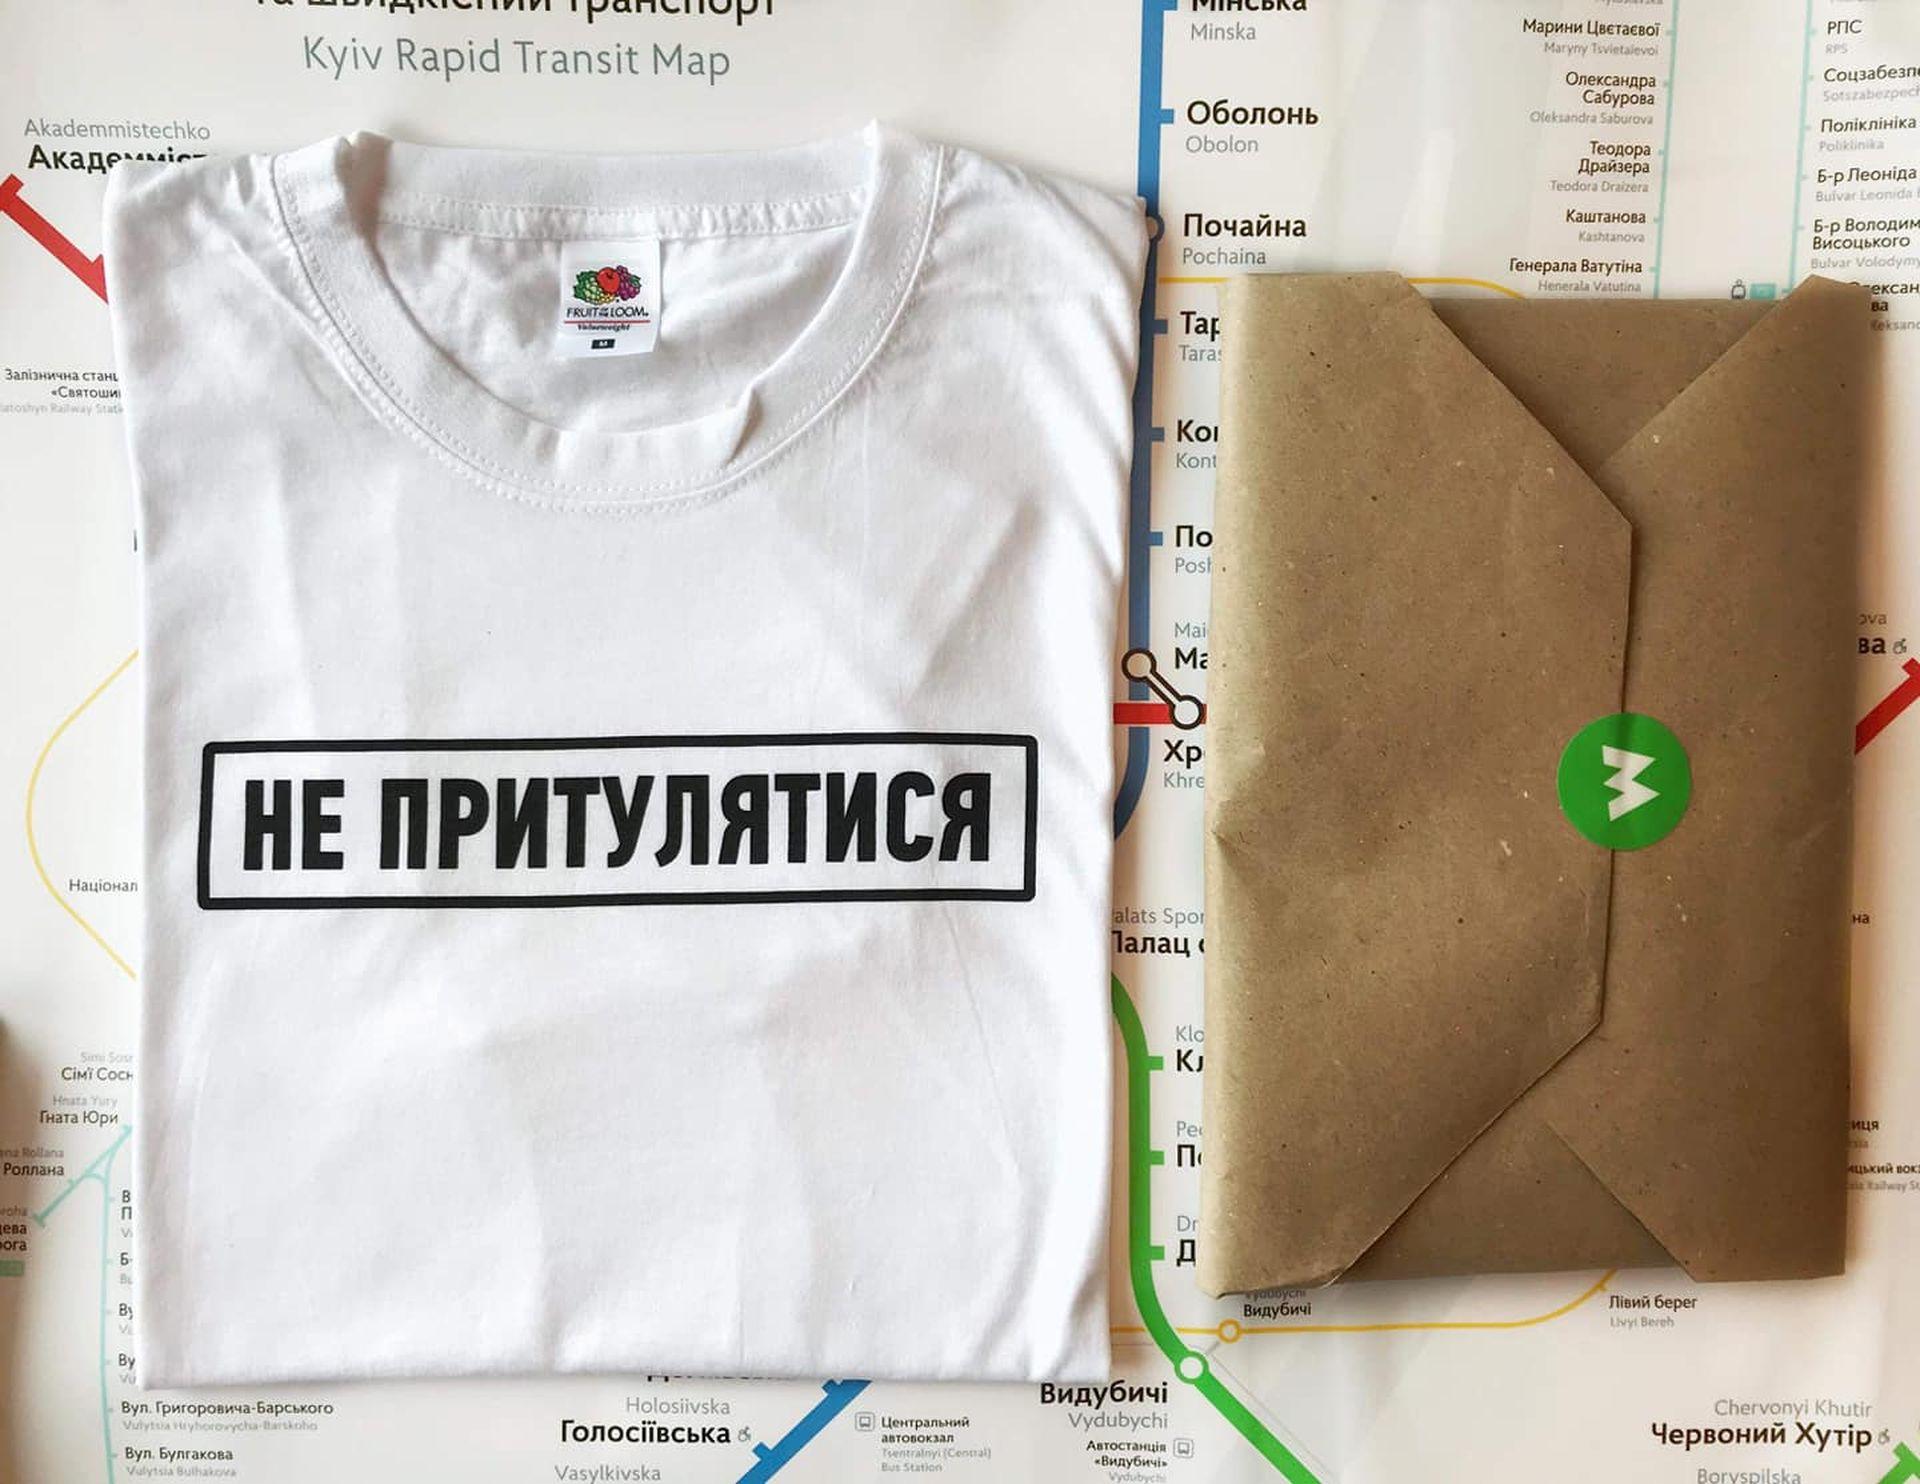 Київський метрополітен презентував сувенірну продукцію